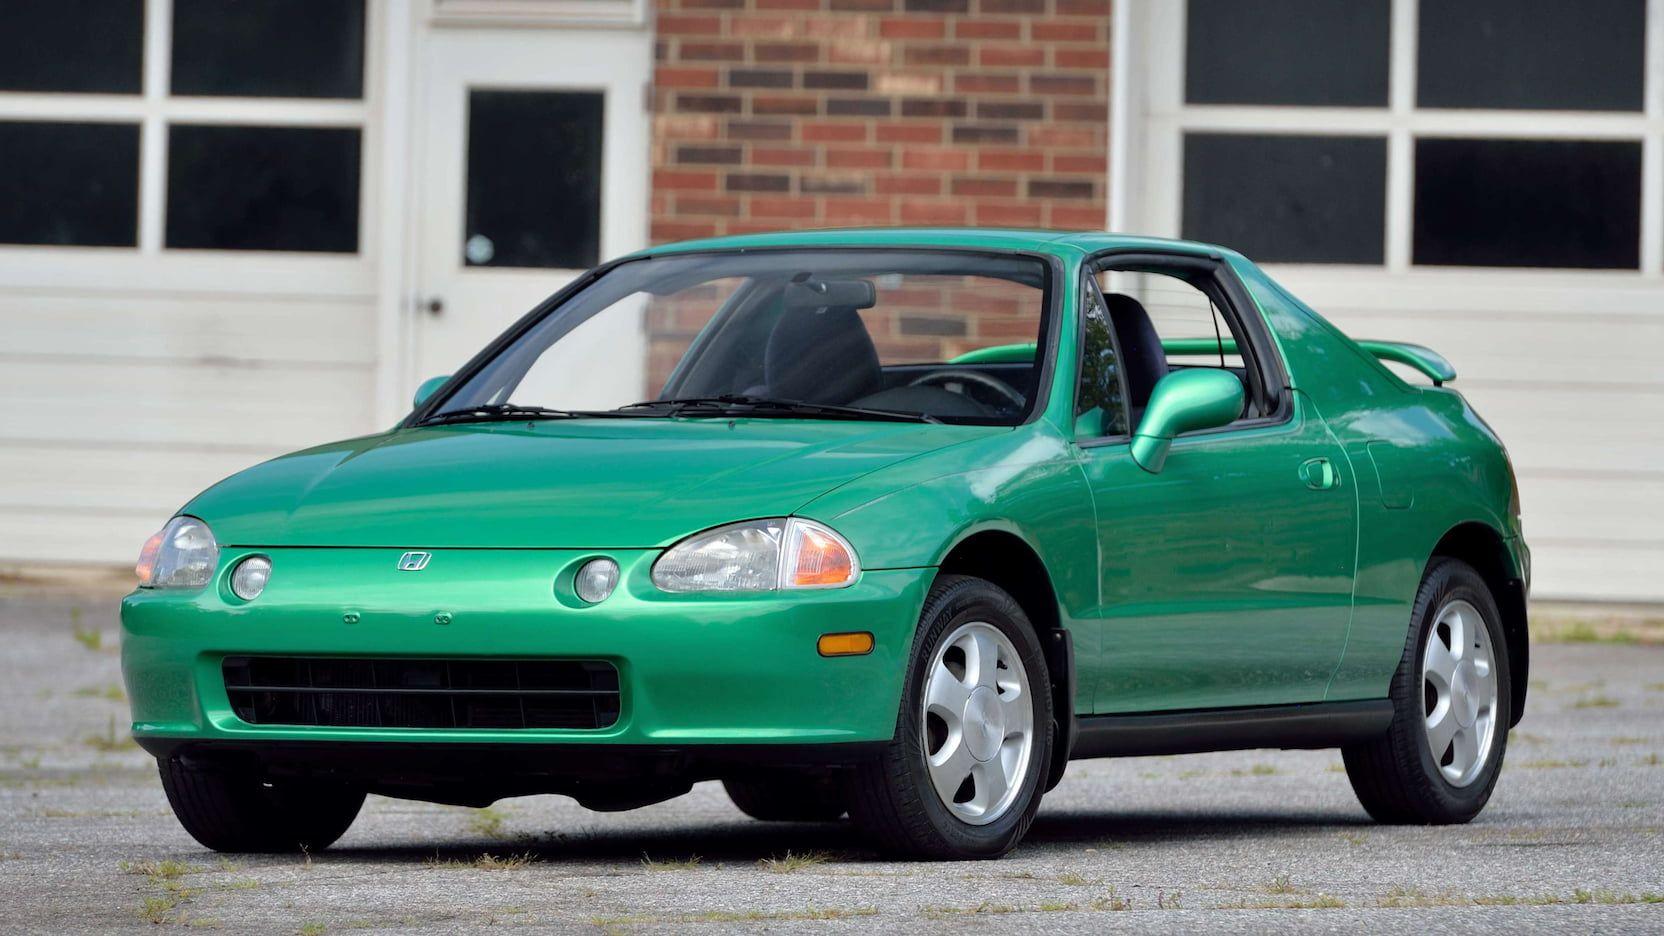 1993 Honda Del Sol presented as Lot S7.1 at Harrisburg, PA